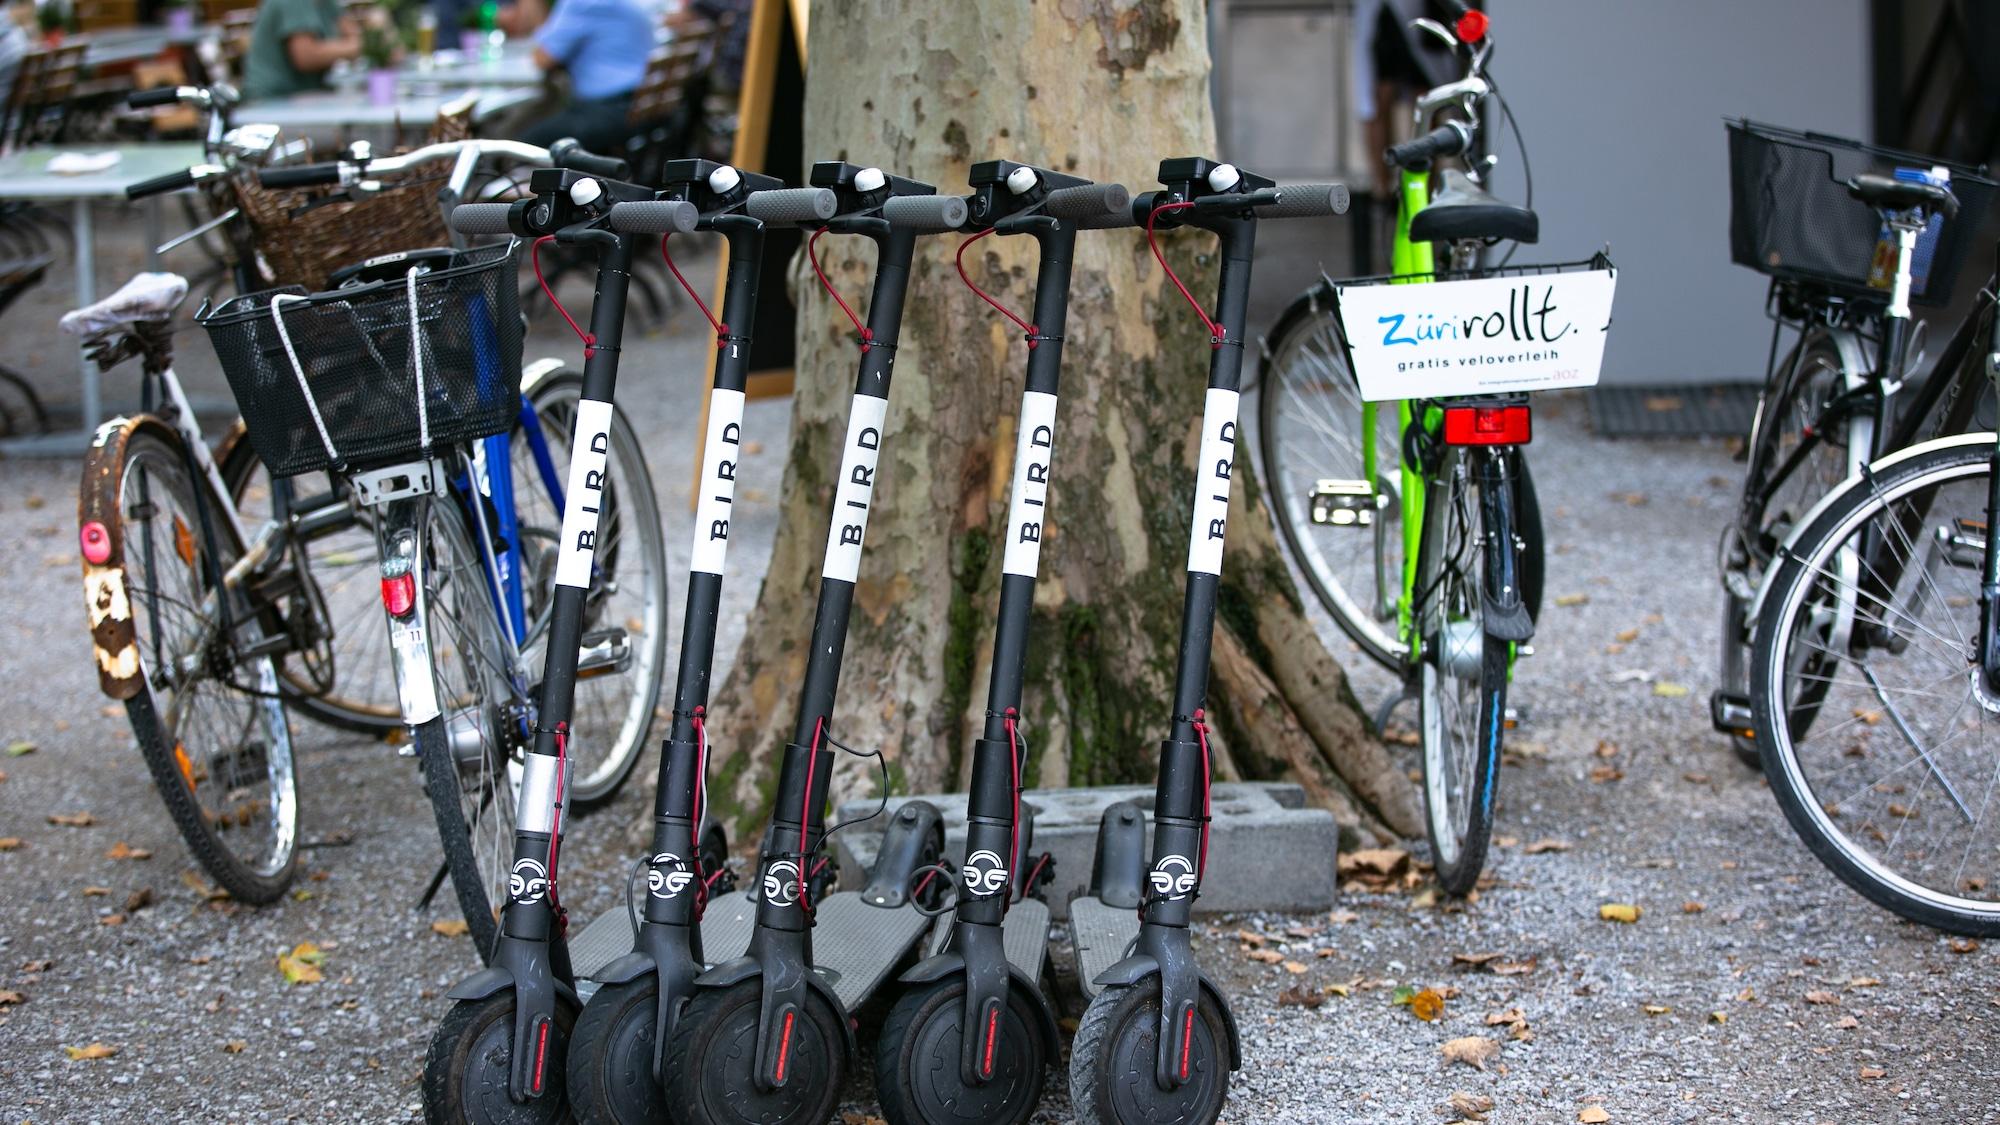 E-Trottis breiten sich rasant in Schweizer Städten aus: Warum die Idee mit den E-Trottis zum Scheitern verurteilt ist